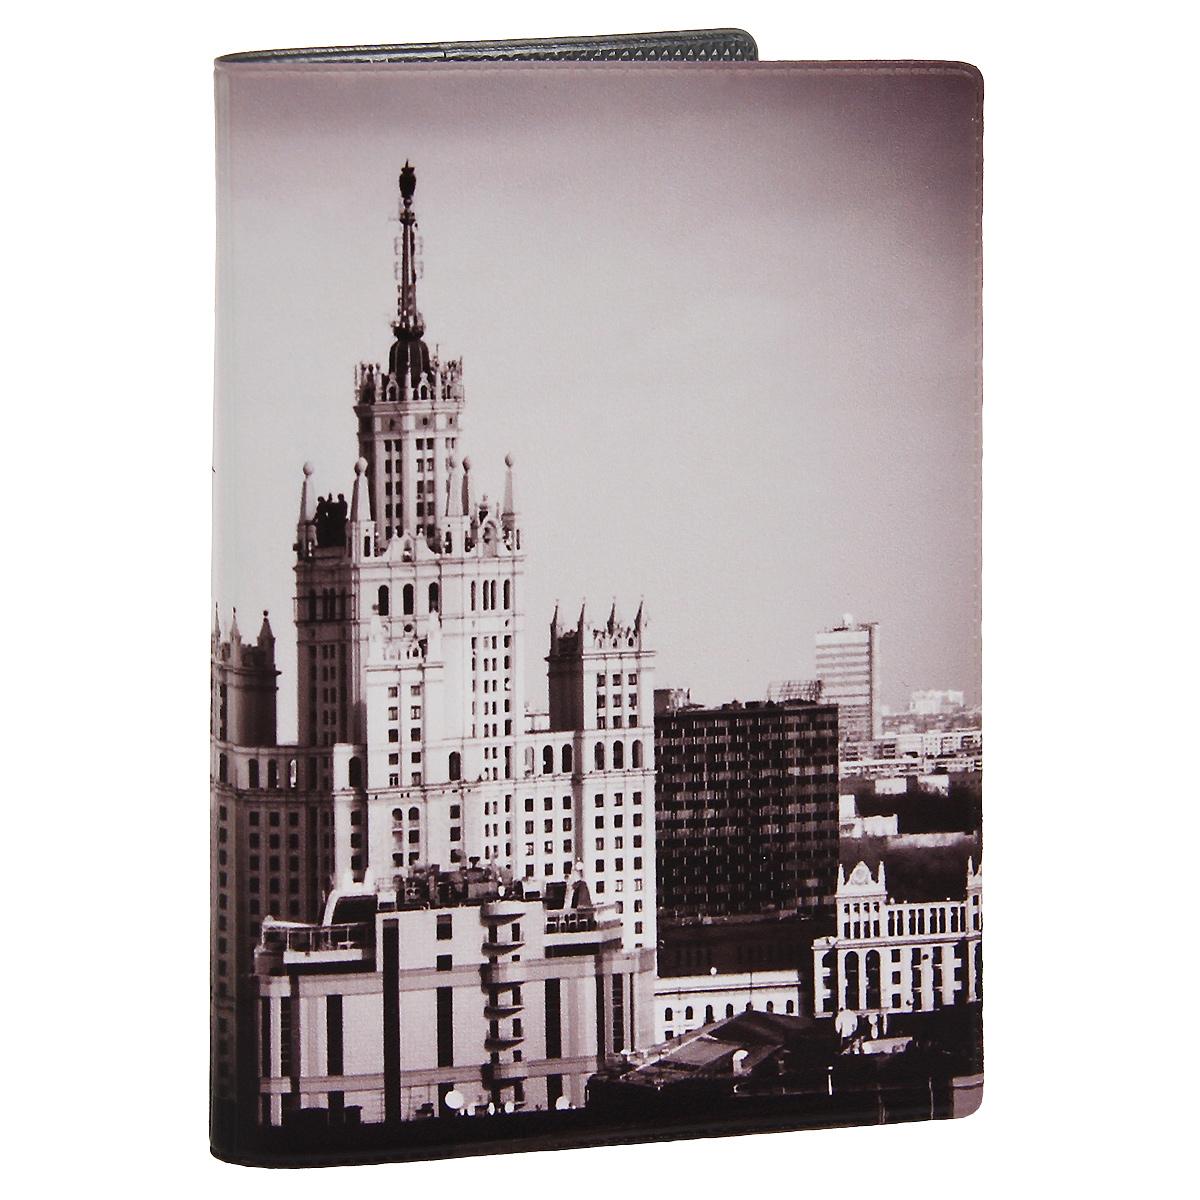 Обложка для паспорта Сталинская высотка. OZAM282ПВХ (поливинилхлорид)Обложка для паспорта Mitya Veselkov Сталинская высотка выполнена из прочного ПВХ и оформлена изображением одной из сталинских высоток. Такая обложка не только поможет сохранить внешний вид ваших документов и защитит их от повреждений, но и станет стильным аксессуаром, идеально подходящим вашему образу.Яркая и оригинальная обложка подчеркнет вашу индивидуальность и изысканный вкус. Обложка для паспорта стильного дизайна может быть достойным и оригинальным подарком.